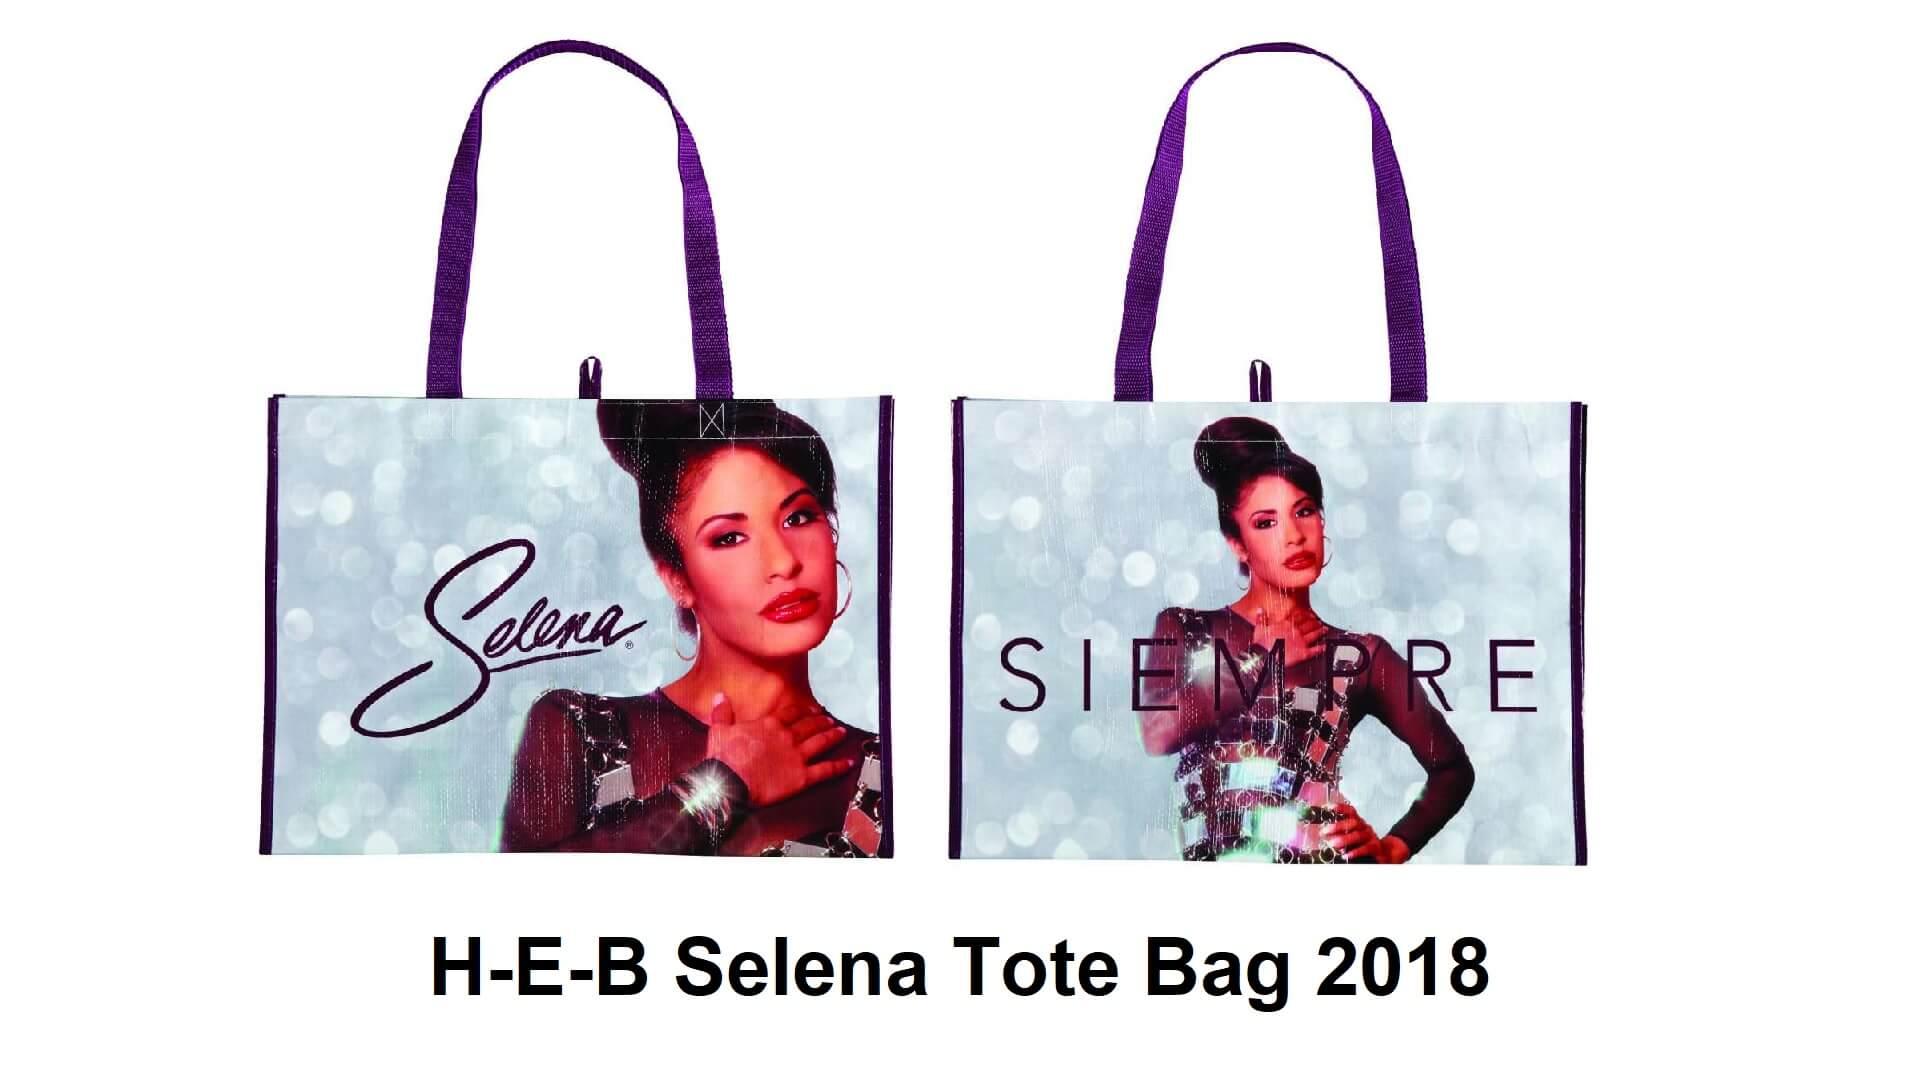 H-E-B Selena tote bag